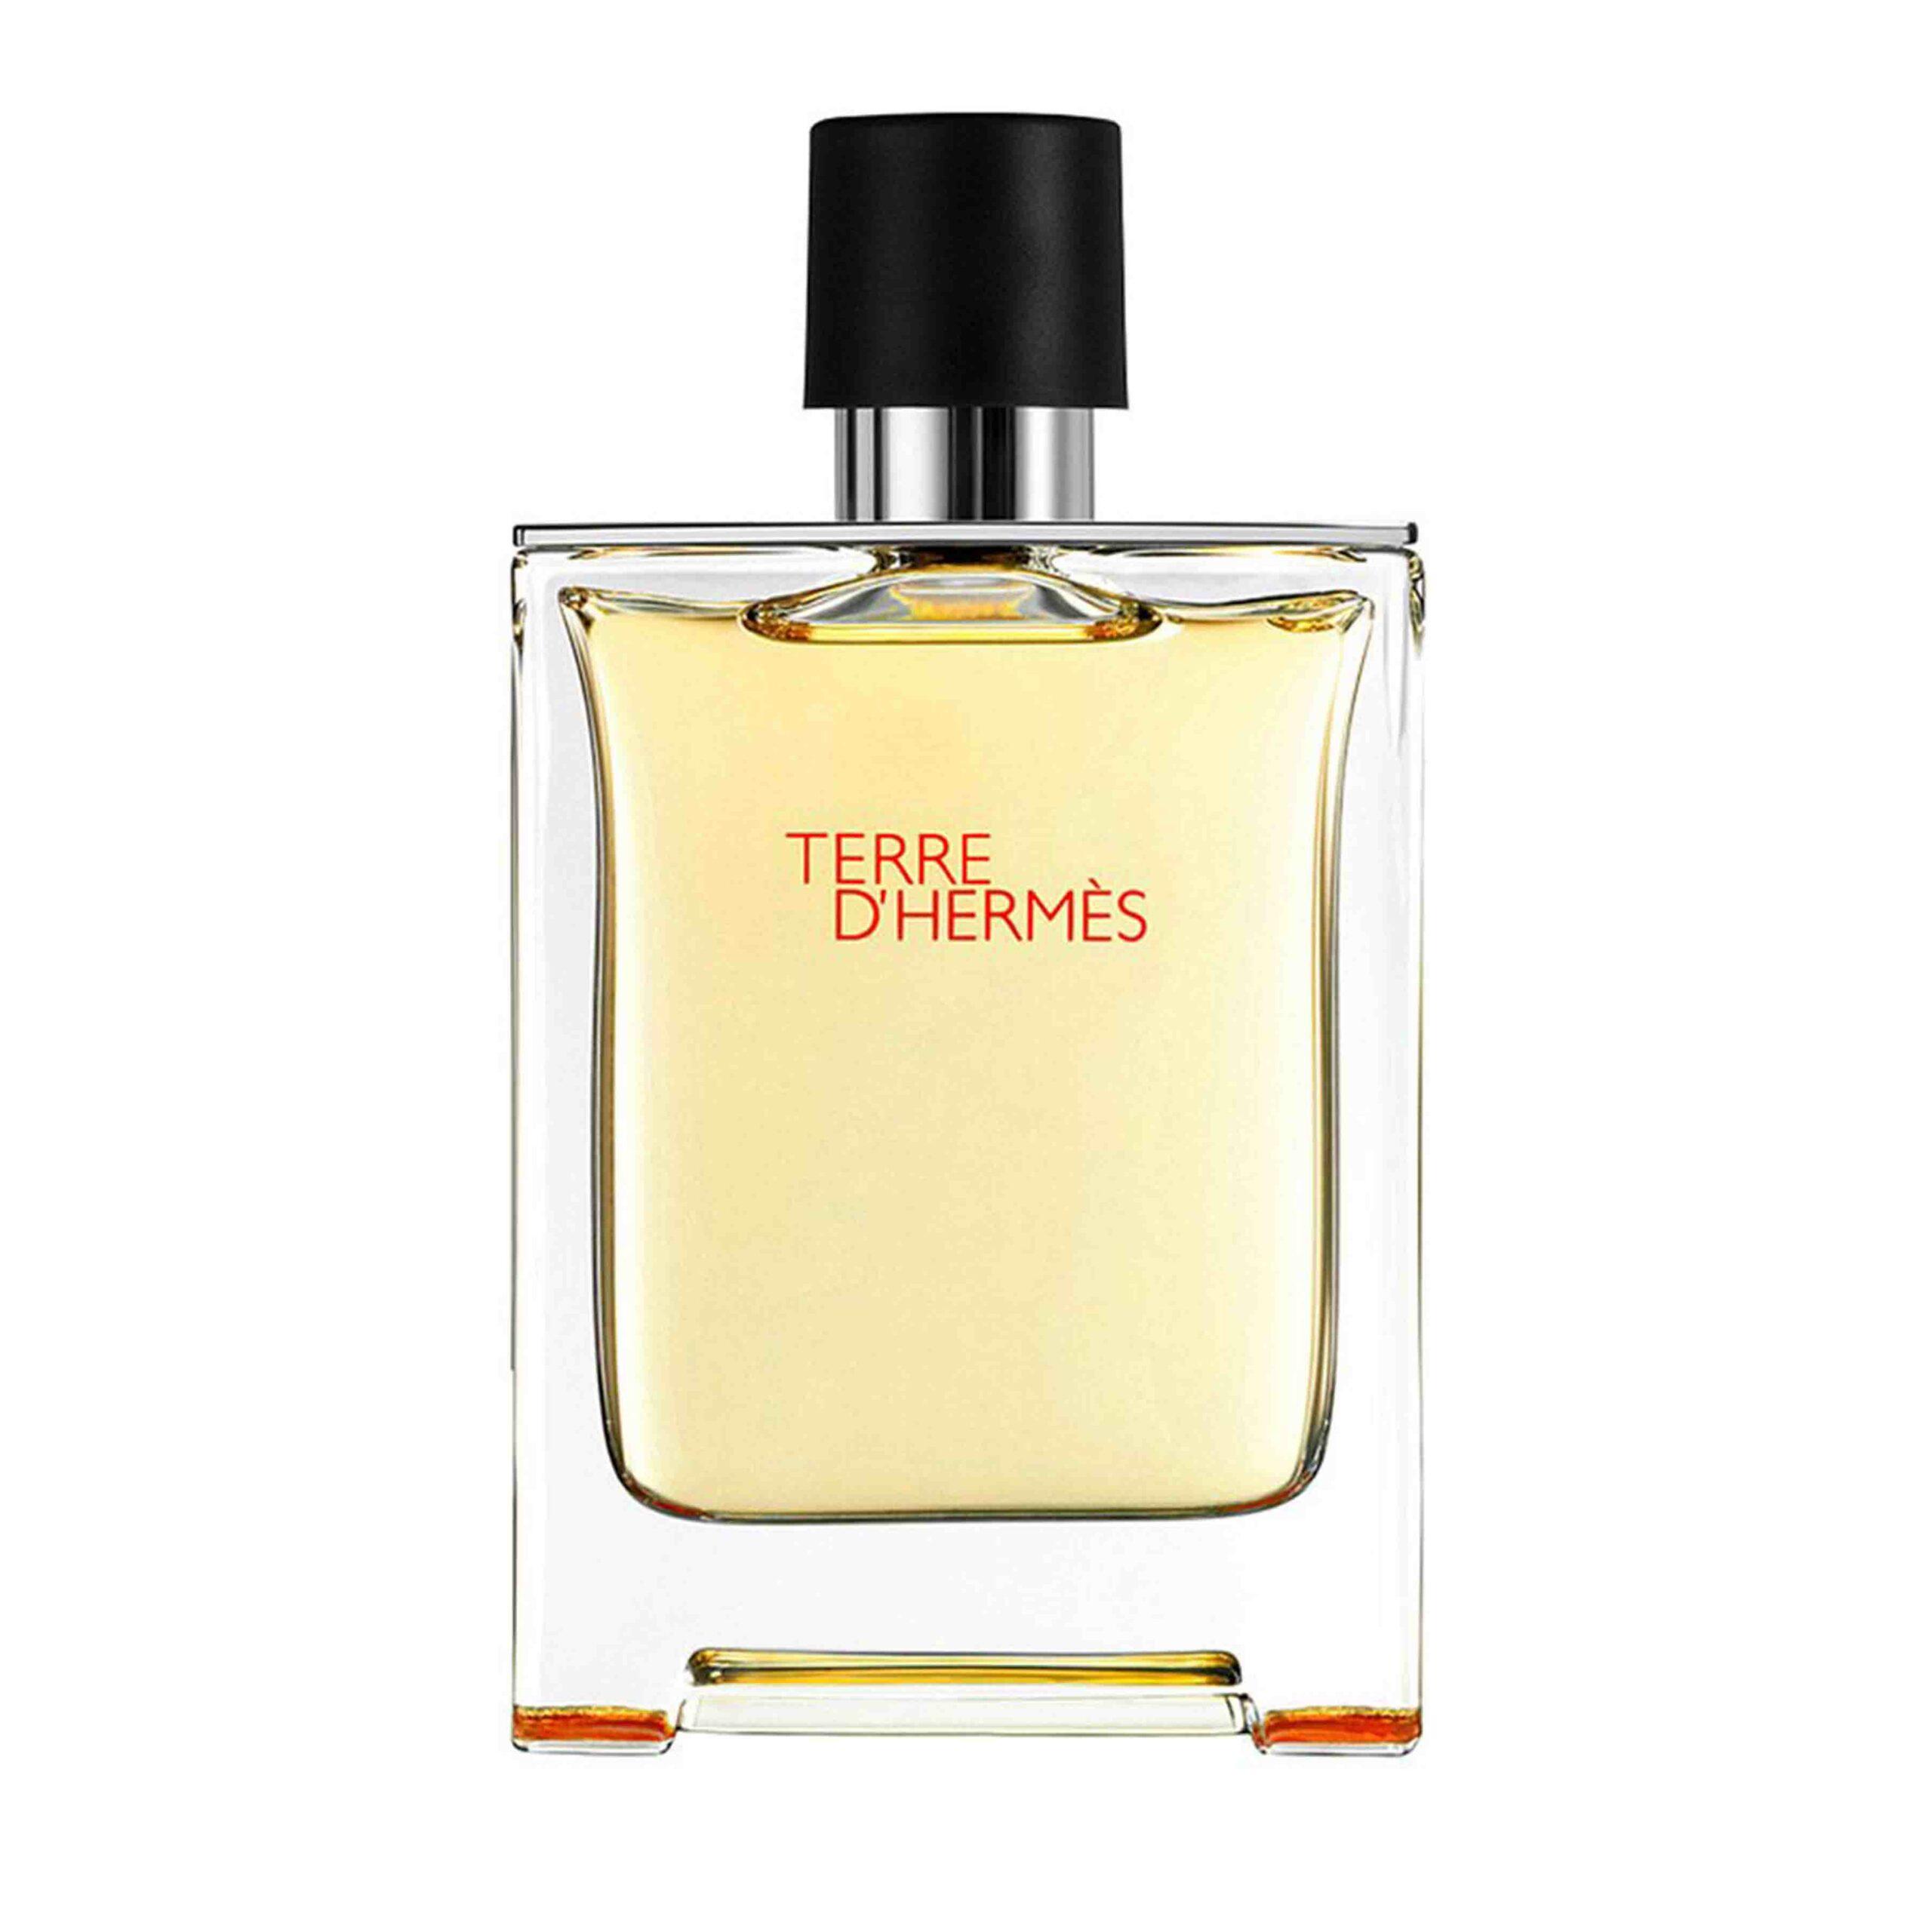 Die besten Parfums für Männer 2021: Terre d'Hermès